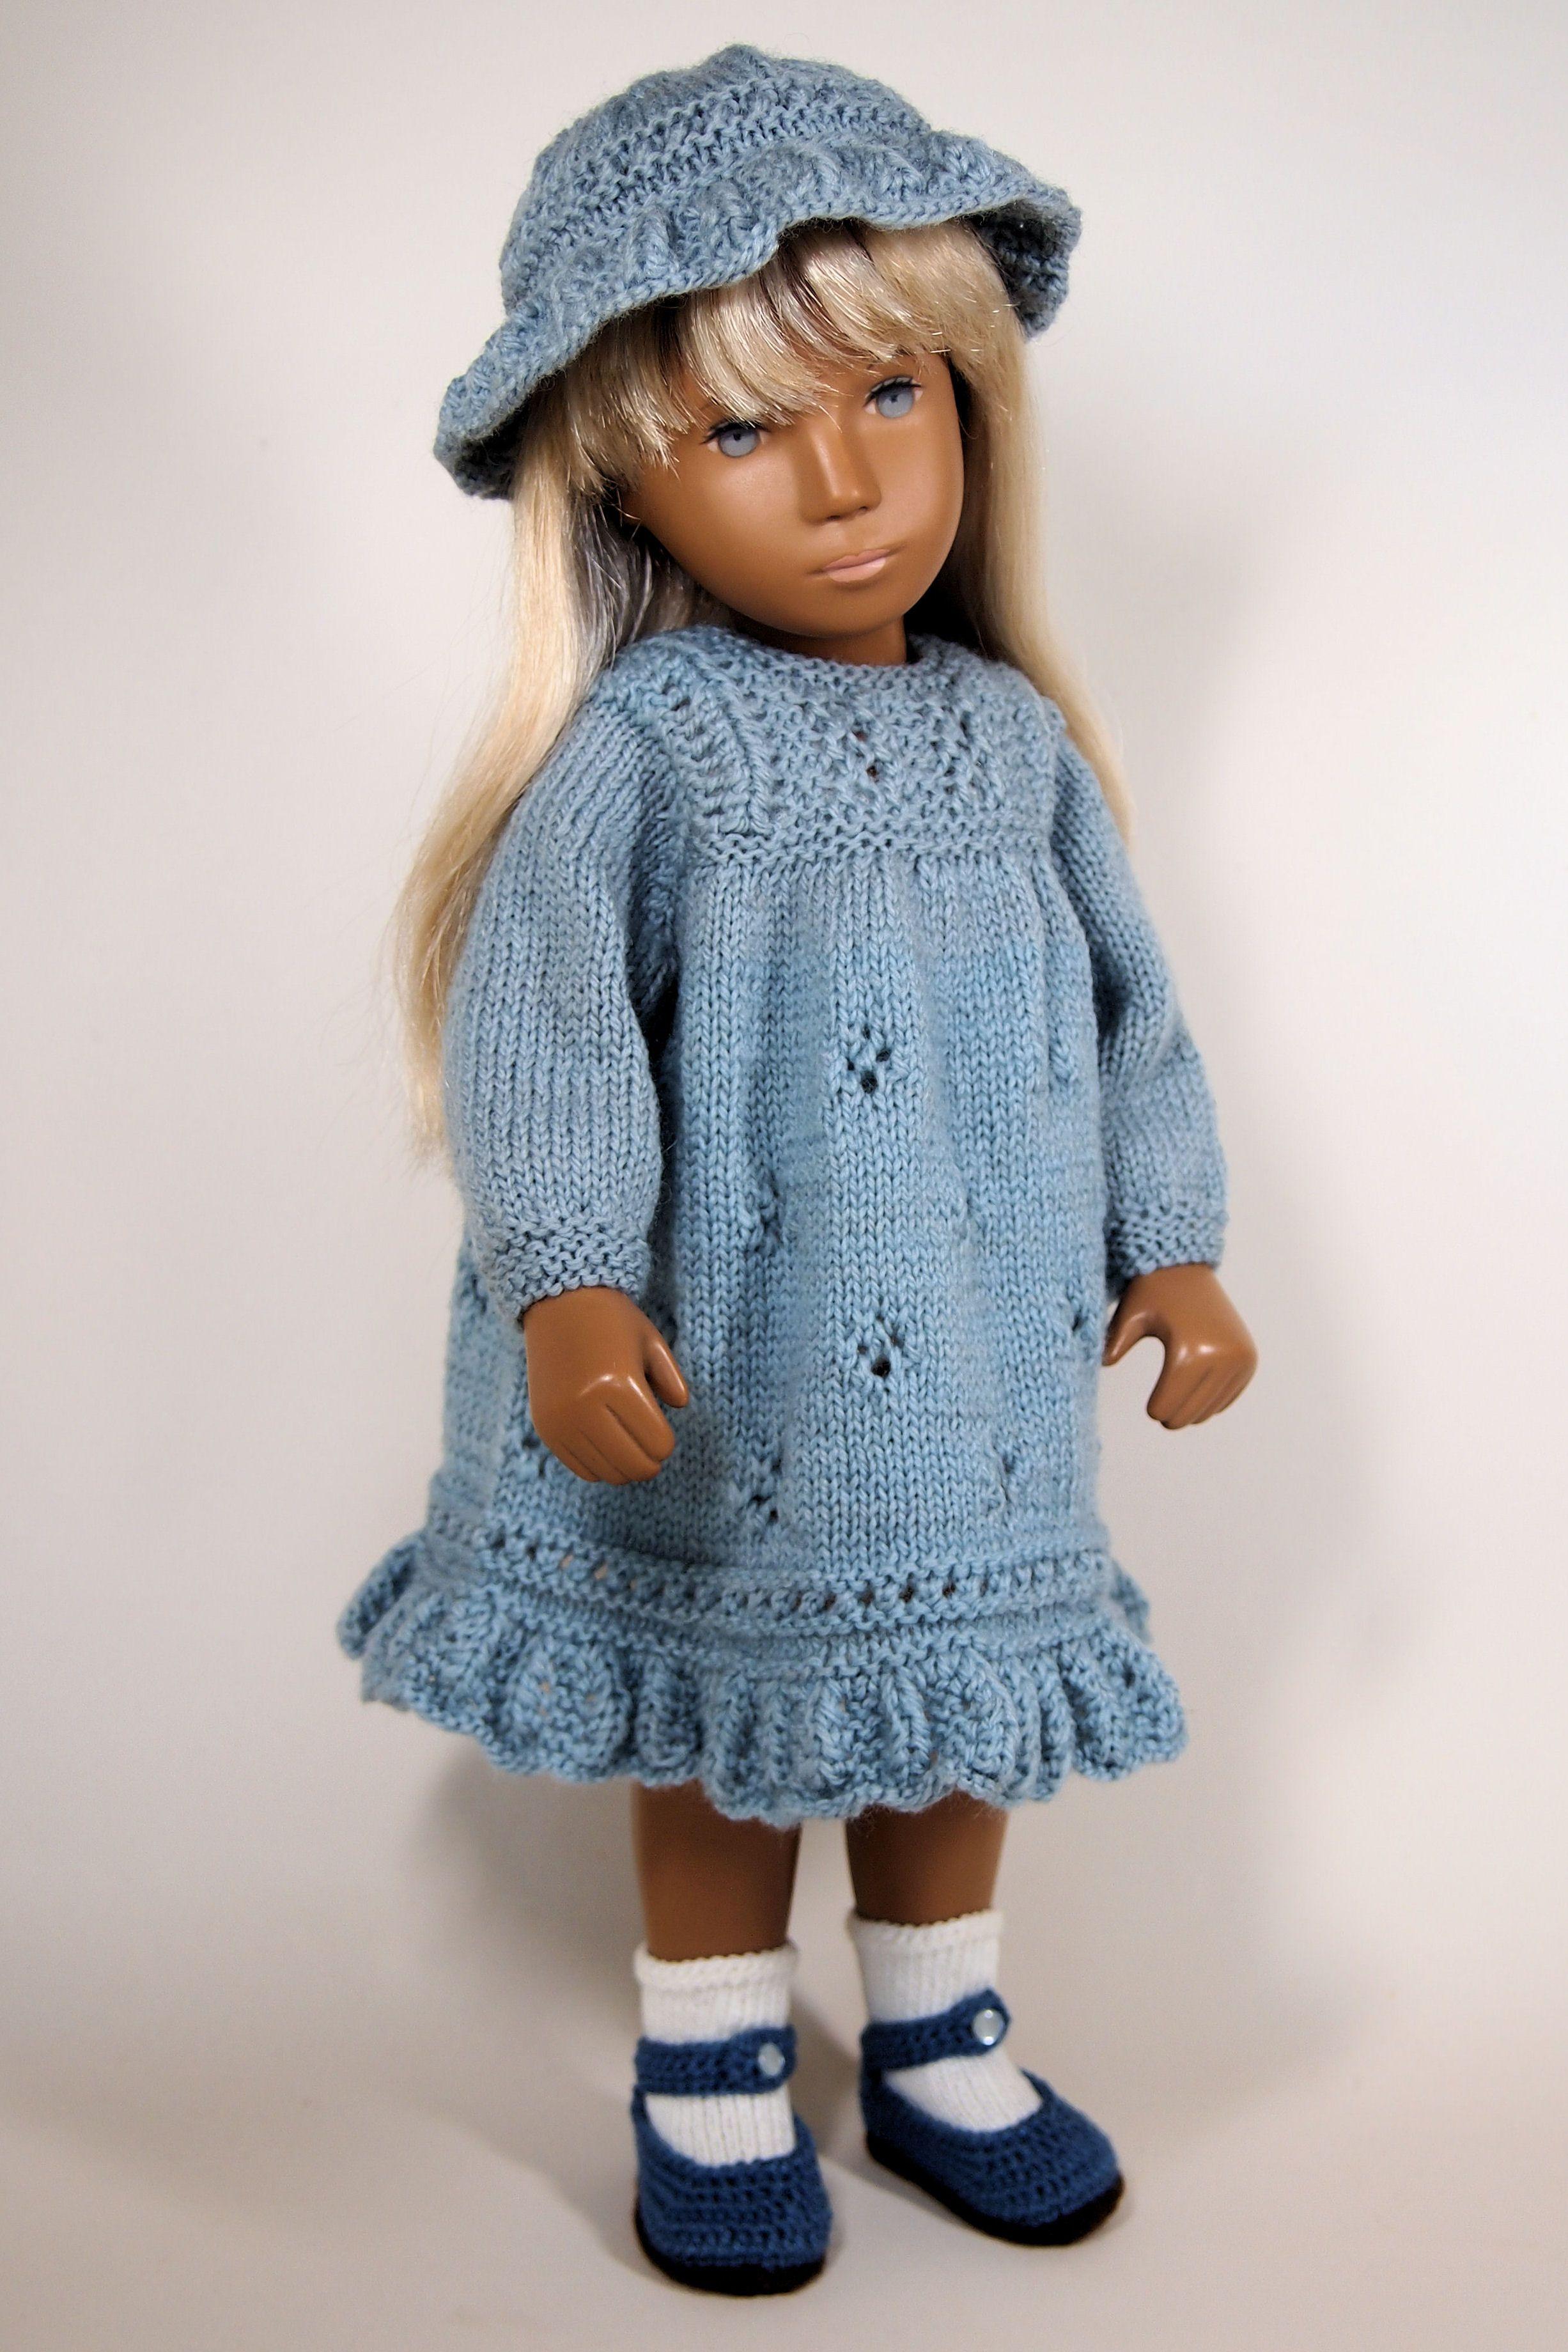 Knitting Doll Clothes : Sasha dolls knitting patterns websites i like